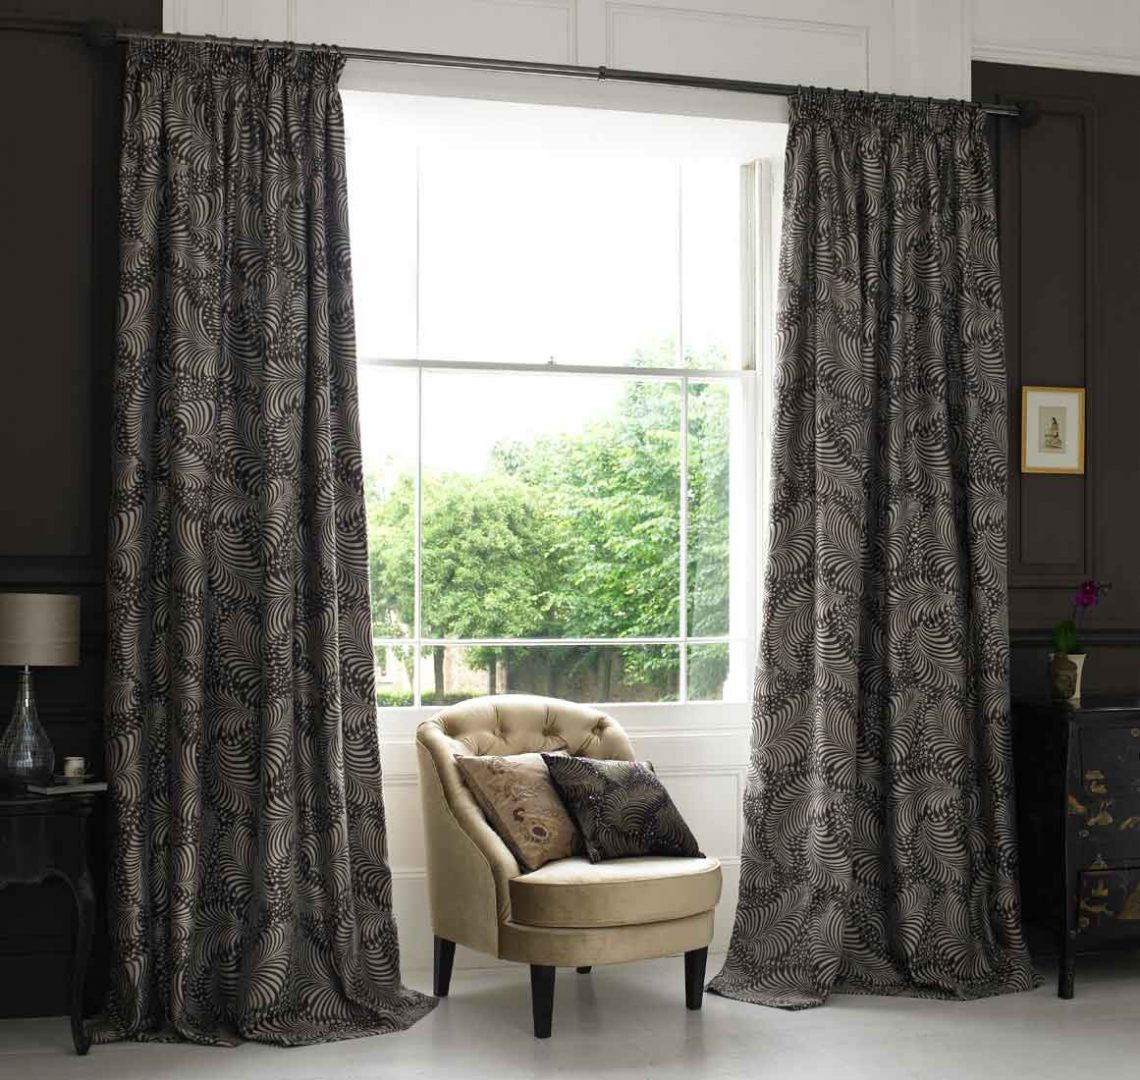 Window Covering Ideas For Creating Elegant Interior Styles: Cortinas De Tecido :: Fotos E Imagens